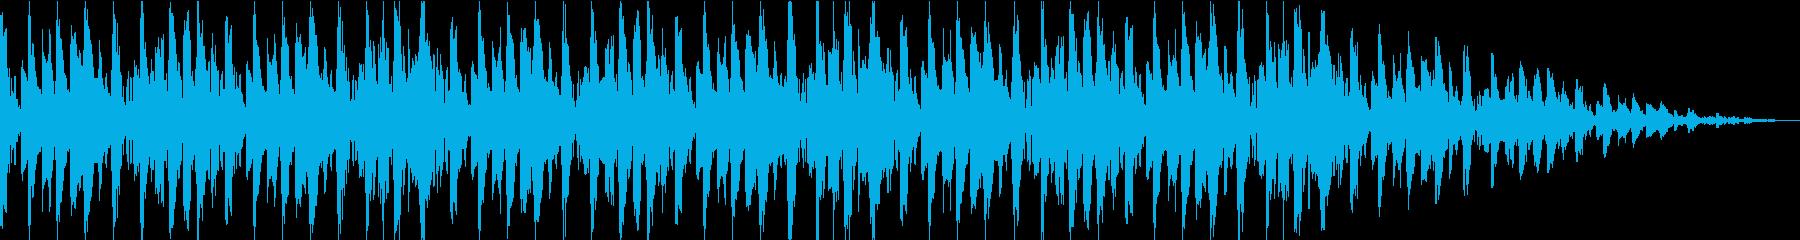 ジャングルポップス A[ショート]の再生済みの波形